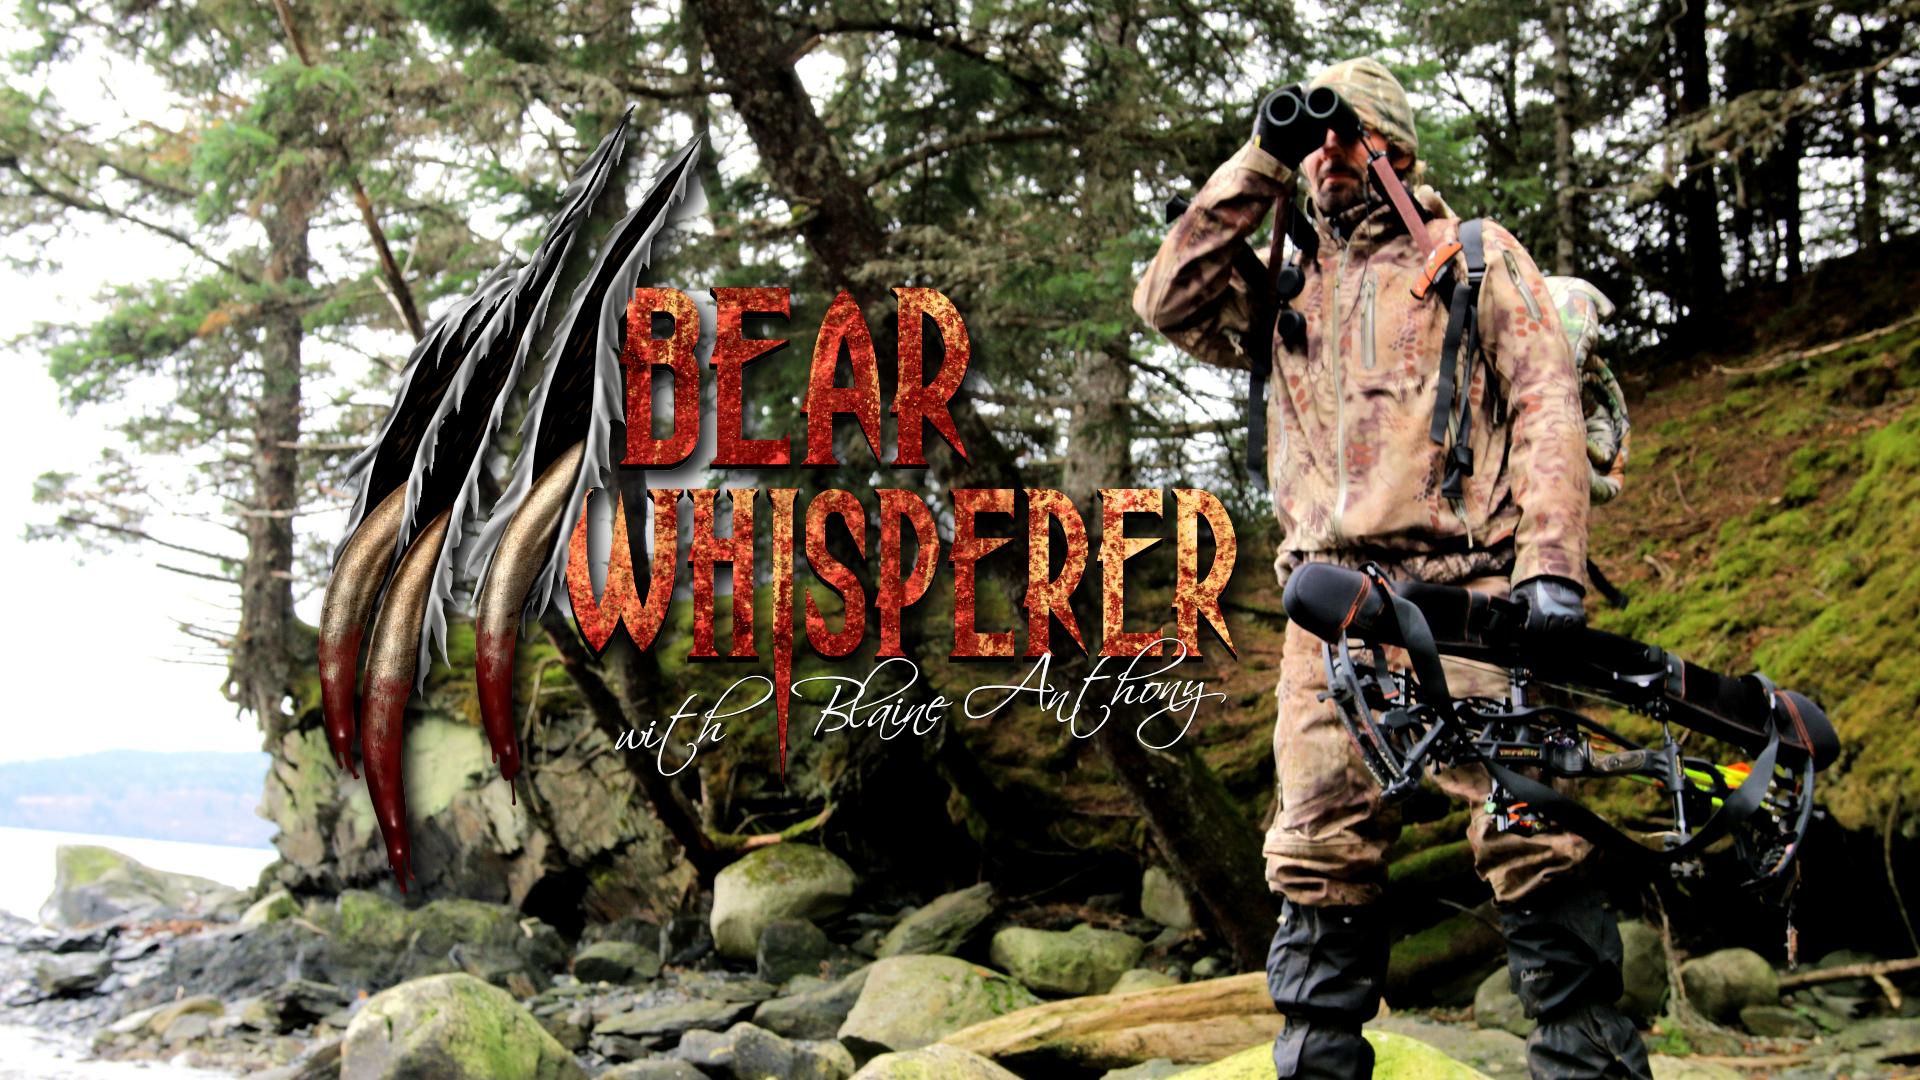 Bear Whisperer - Season 2